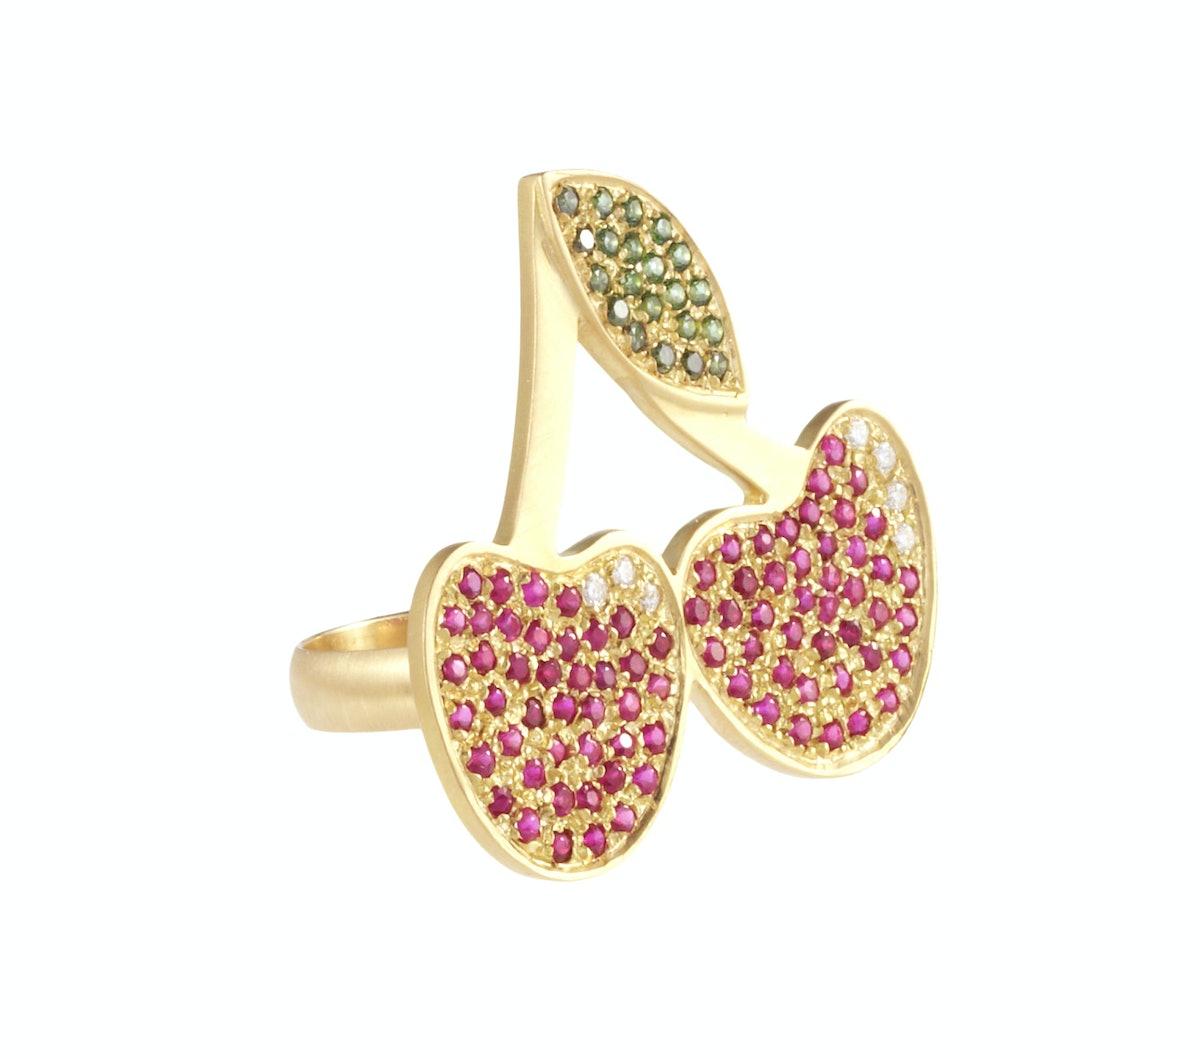 Carolina Bucci 18k yellow gold, ruby, and diamond ring